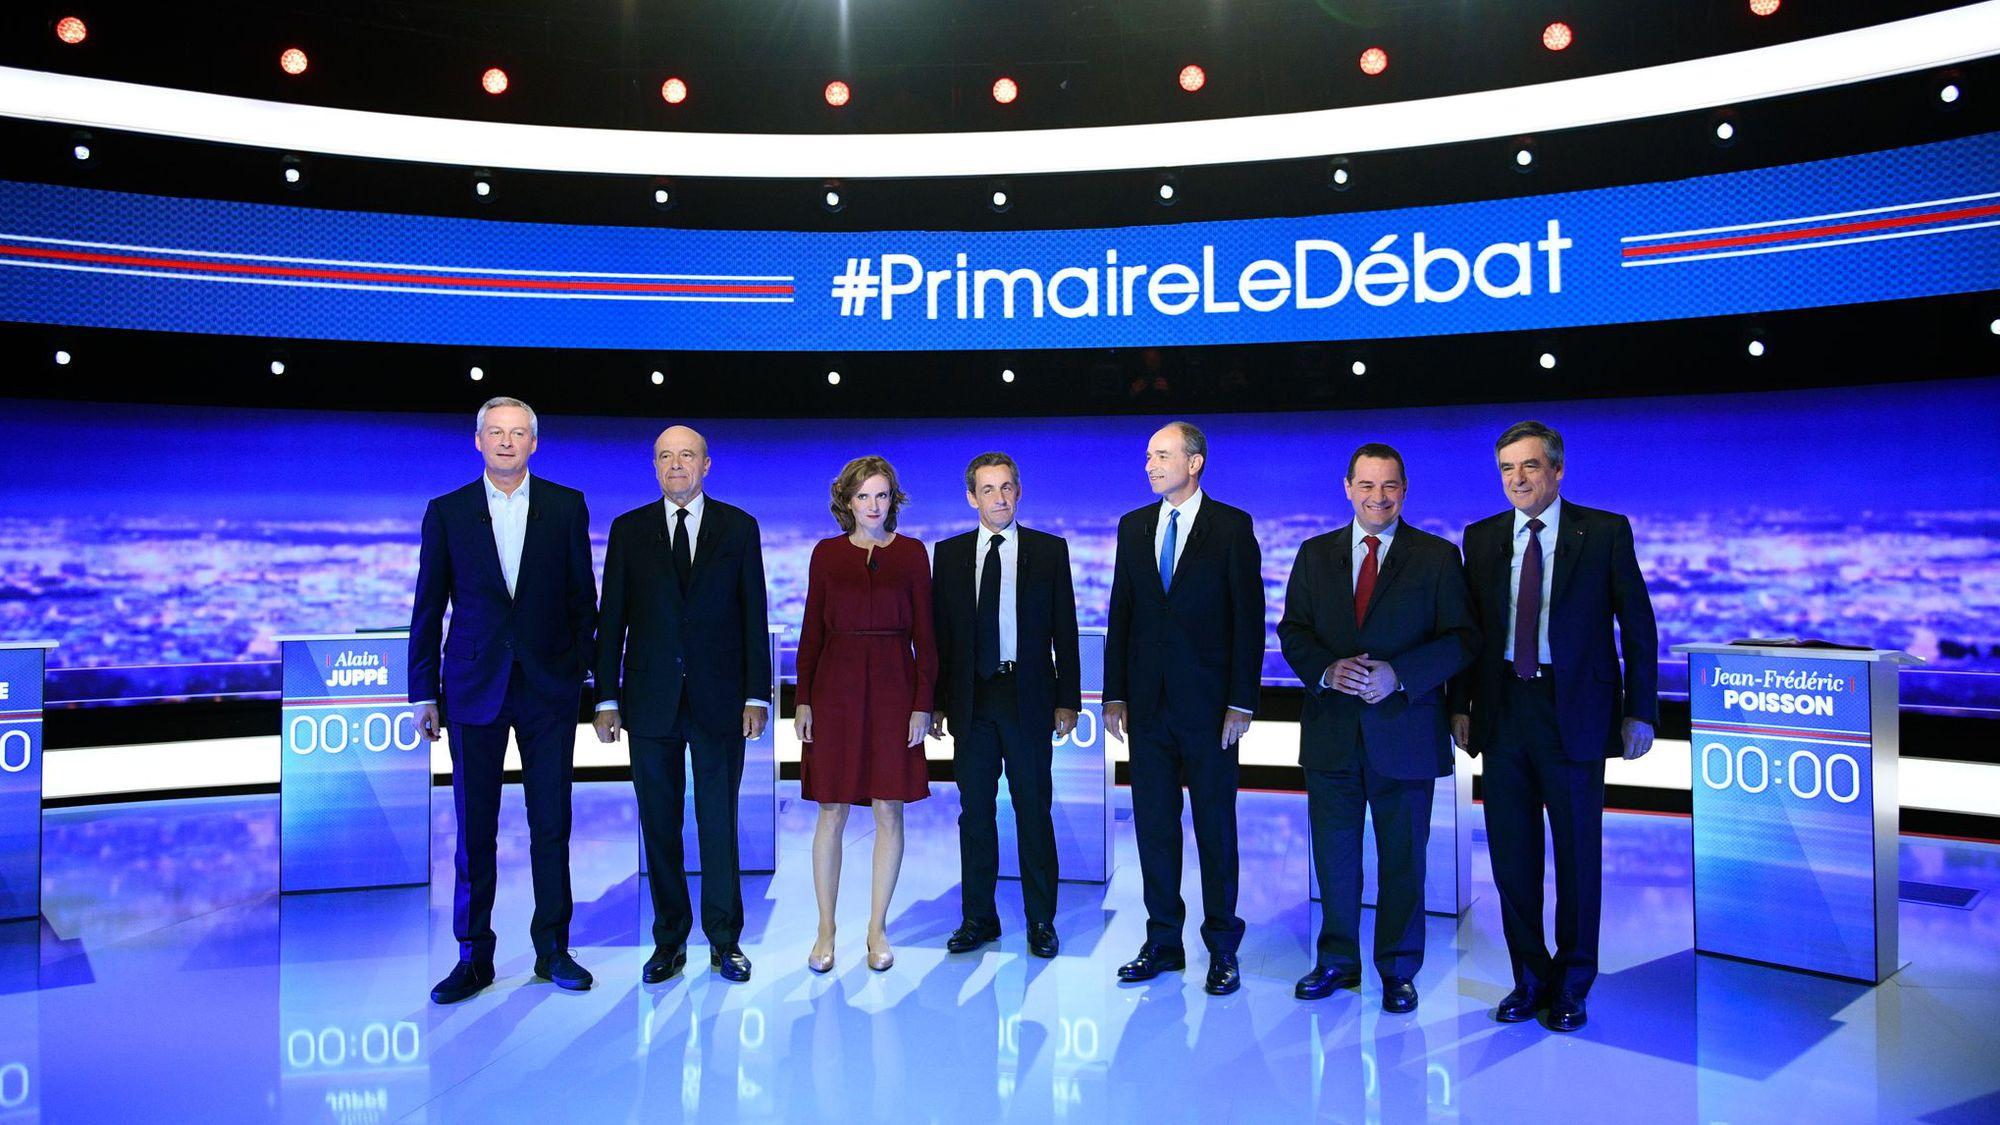 les-candidats-a-la-primaire-de-droite-au-debut-du-premier-debat-a-la-plaine-saint-denis-pres-de-paris-le-13-octobre-2016_5725617